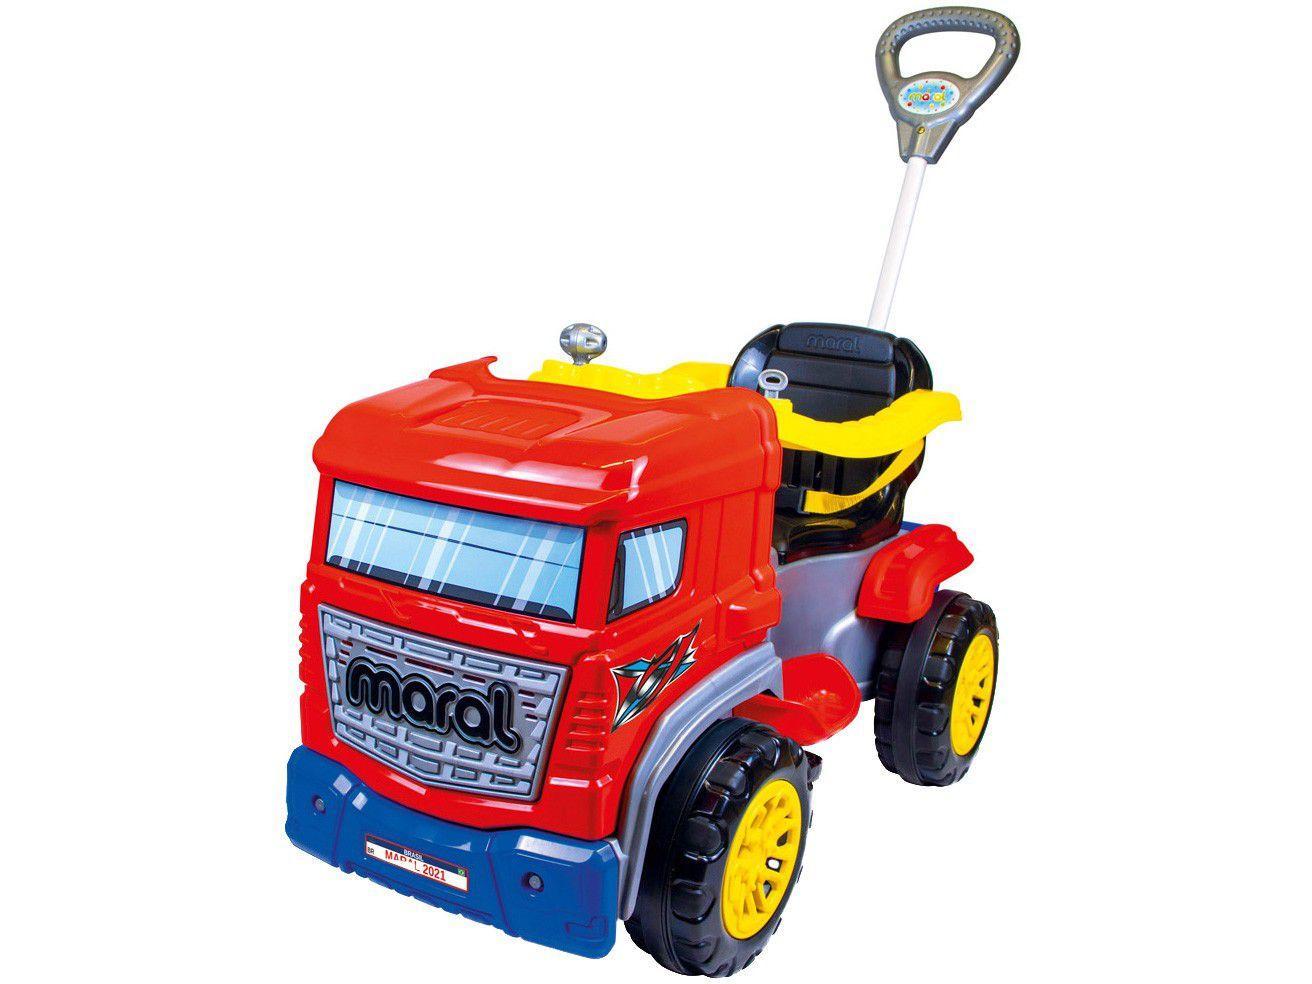 Carrinho de Passeio Infantil Truck com Pedal - com Empurrador Maral